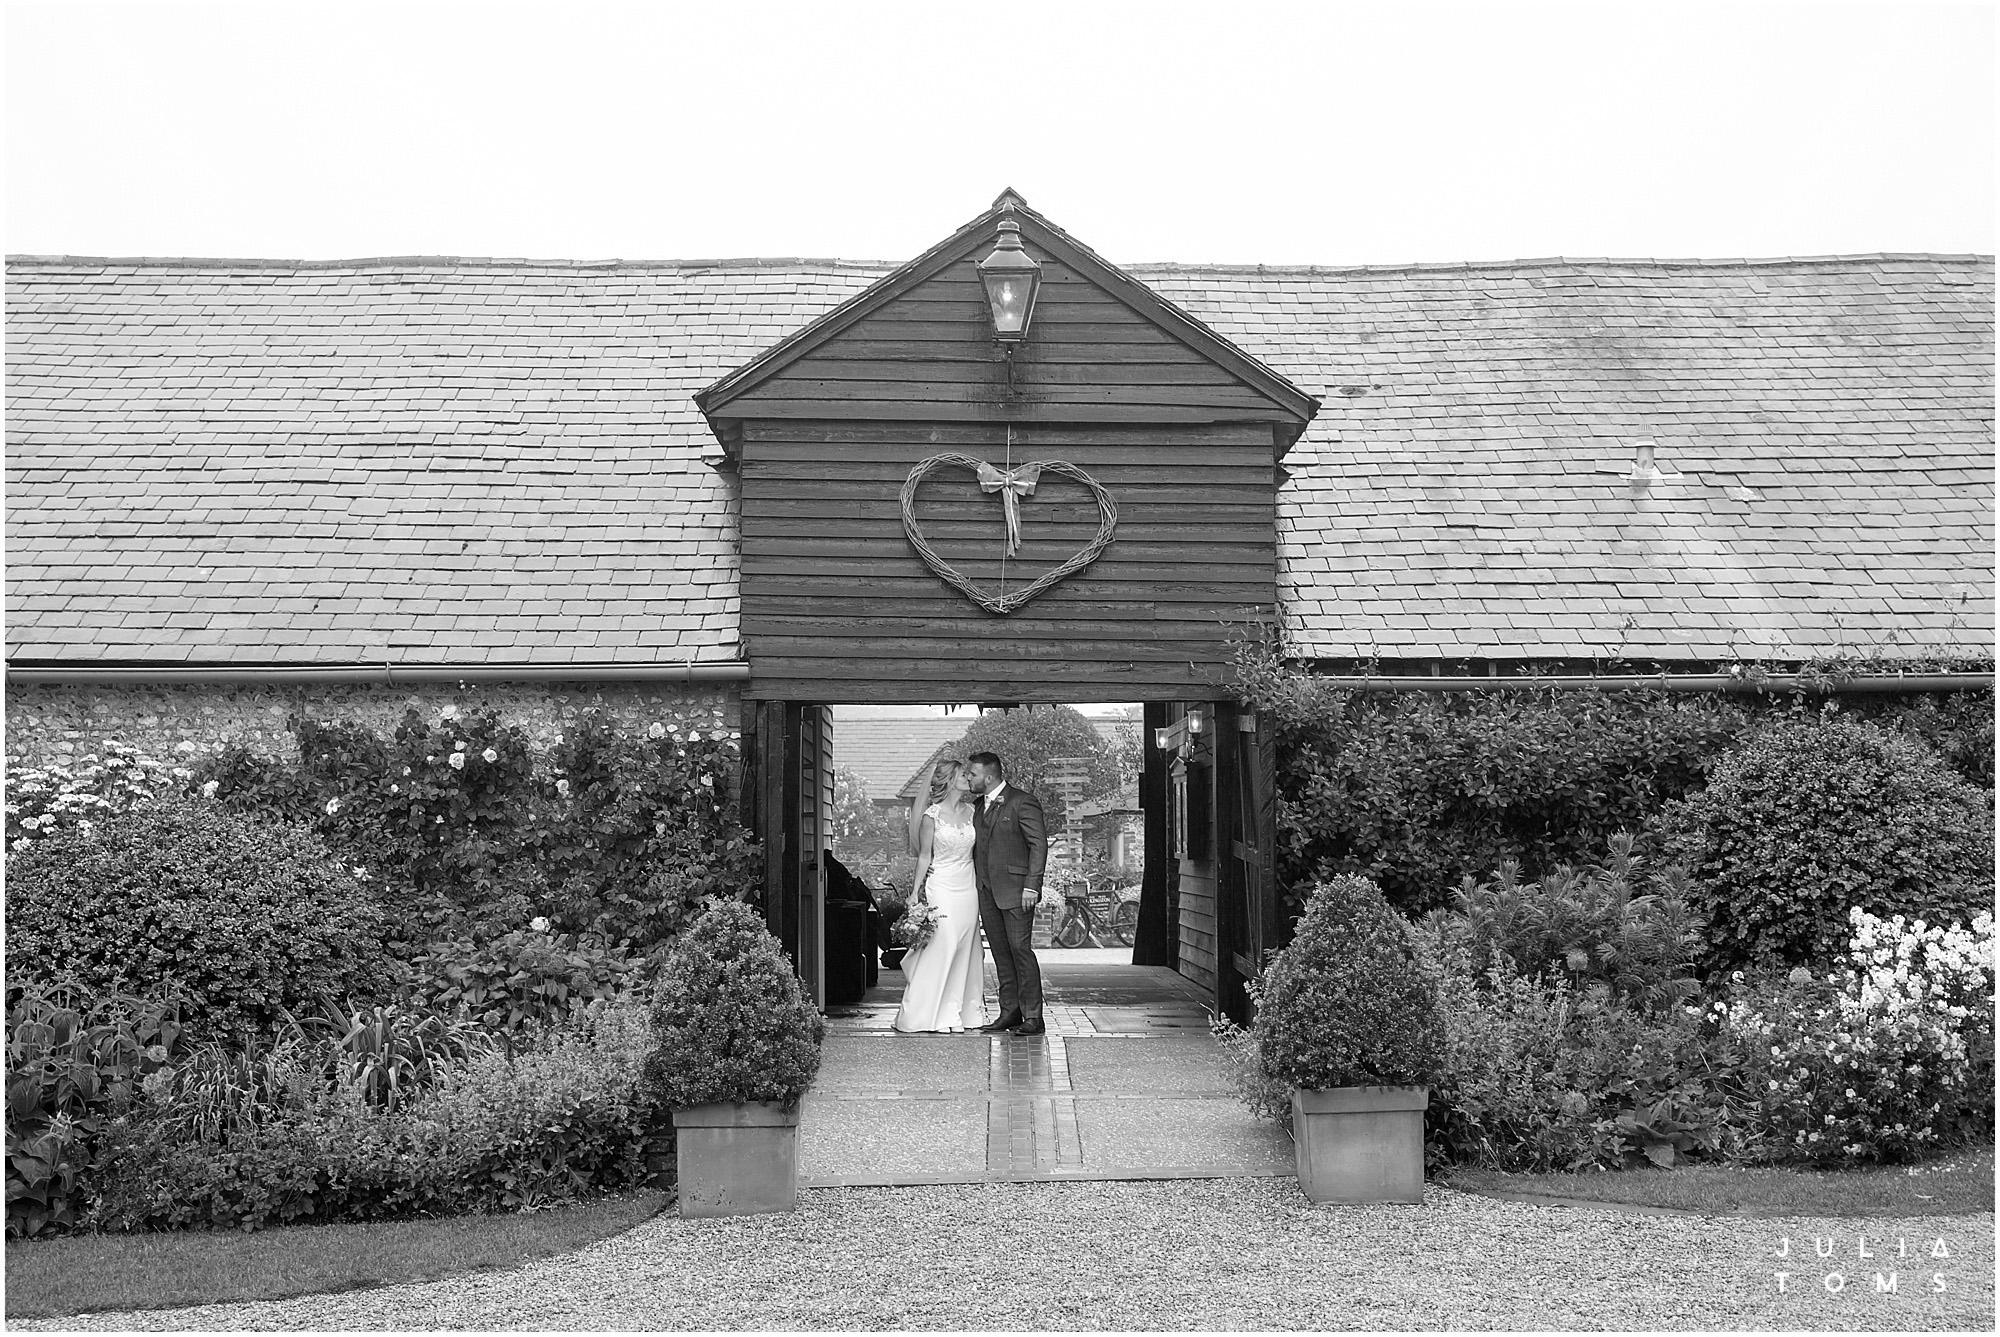 chichester_wedding_photographer_124.jpg